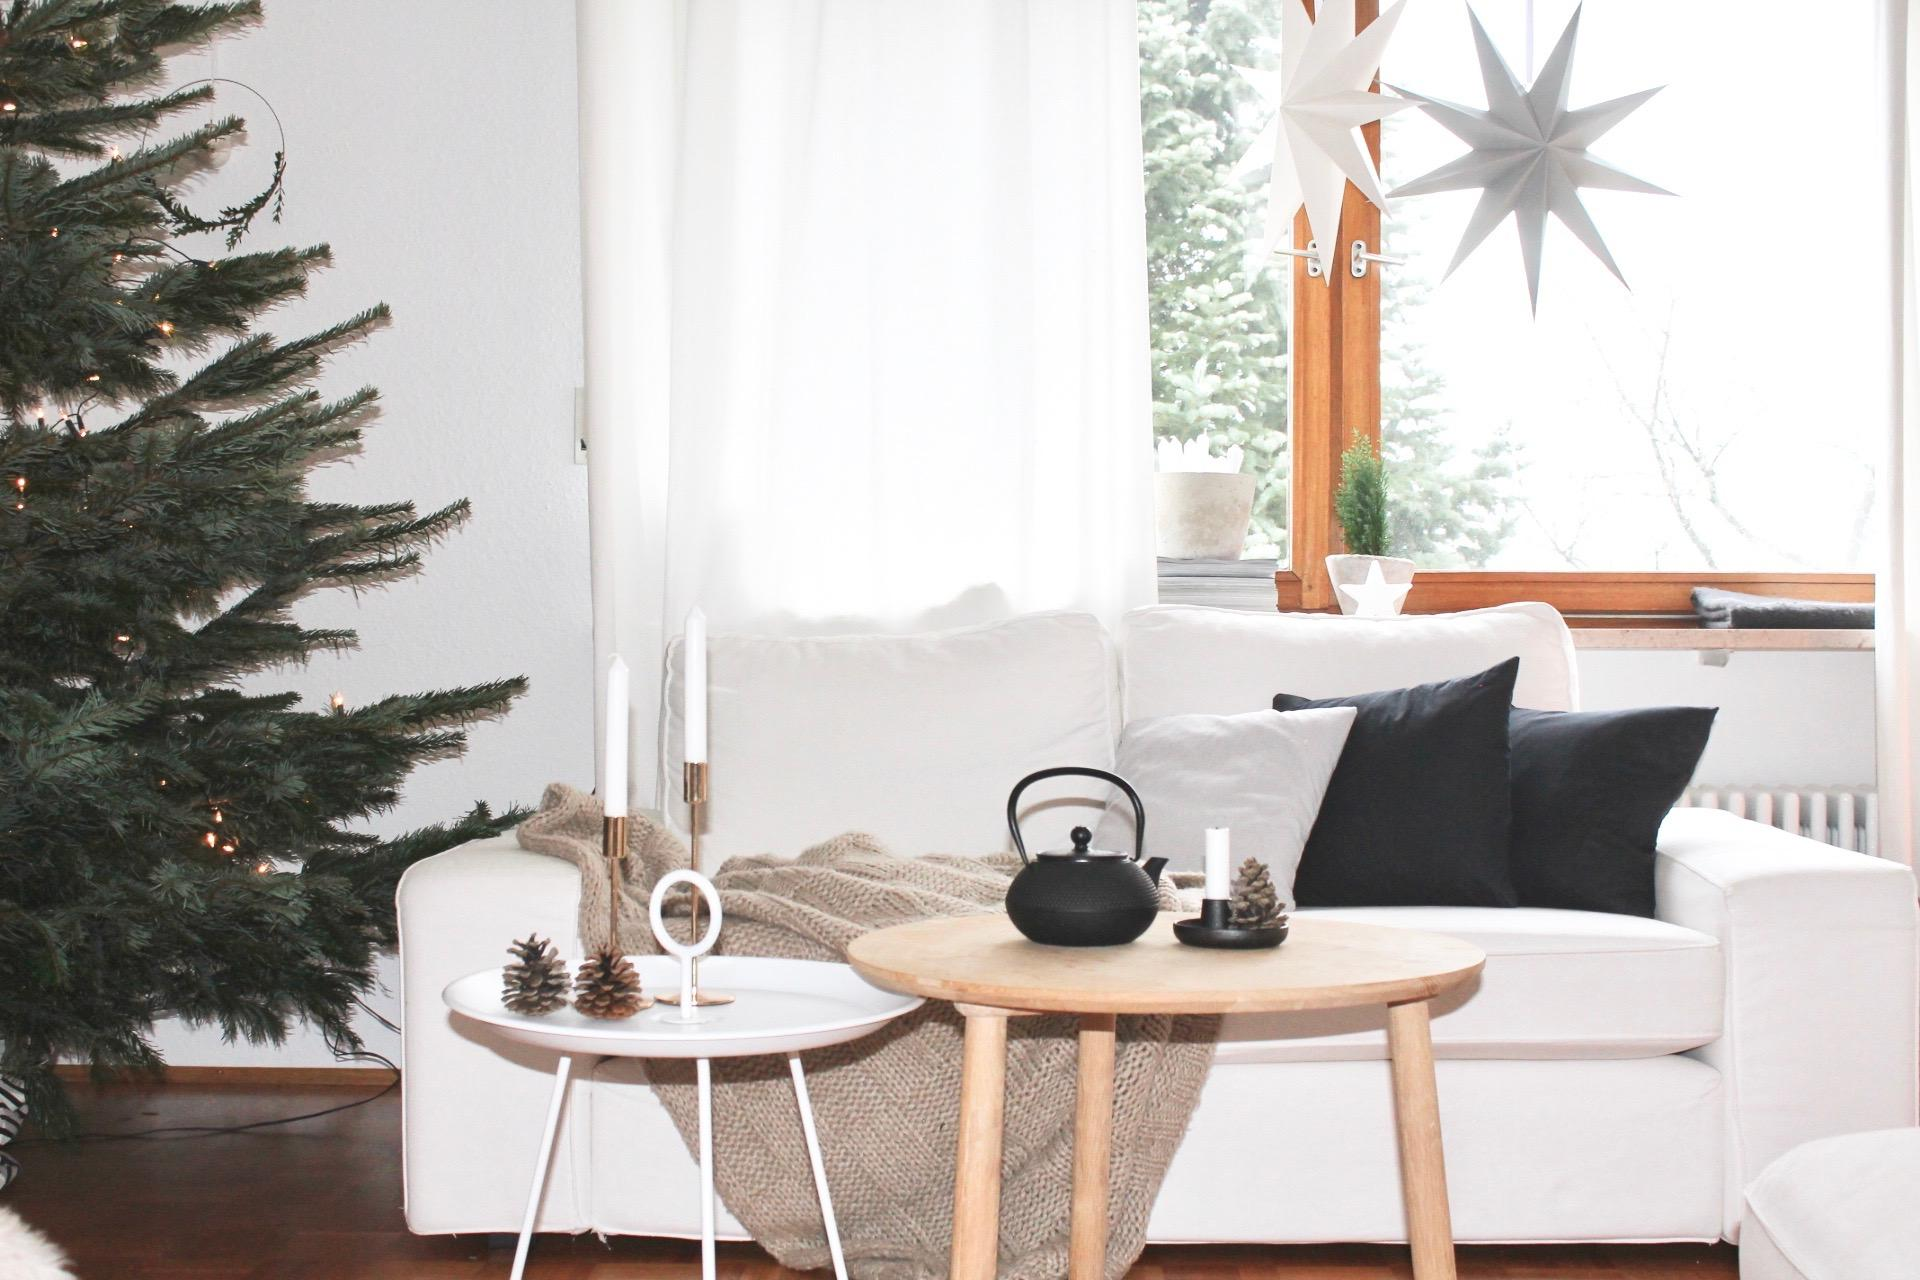 meine weihnachtsecke holztisch wohnzimmer vorhang kerzenstnder ikea sofa teekanne - Wohnzimmer Vorhang Ikea